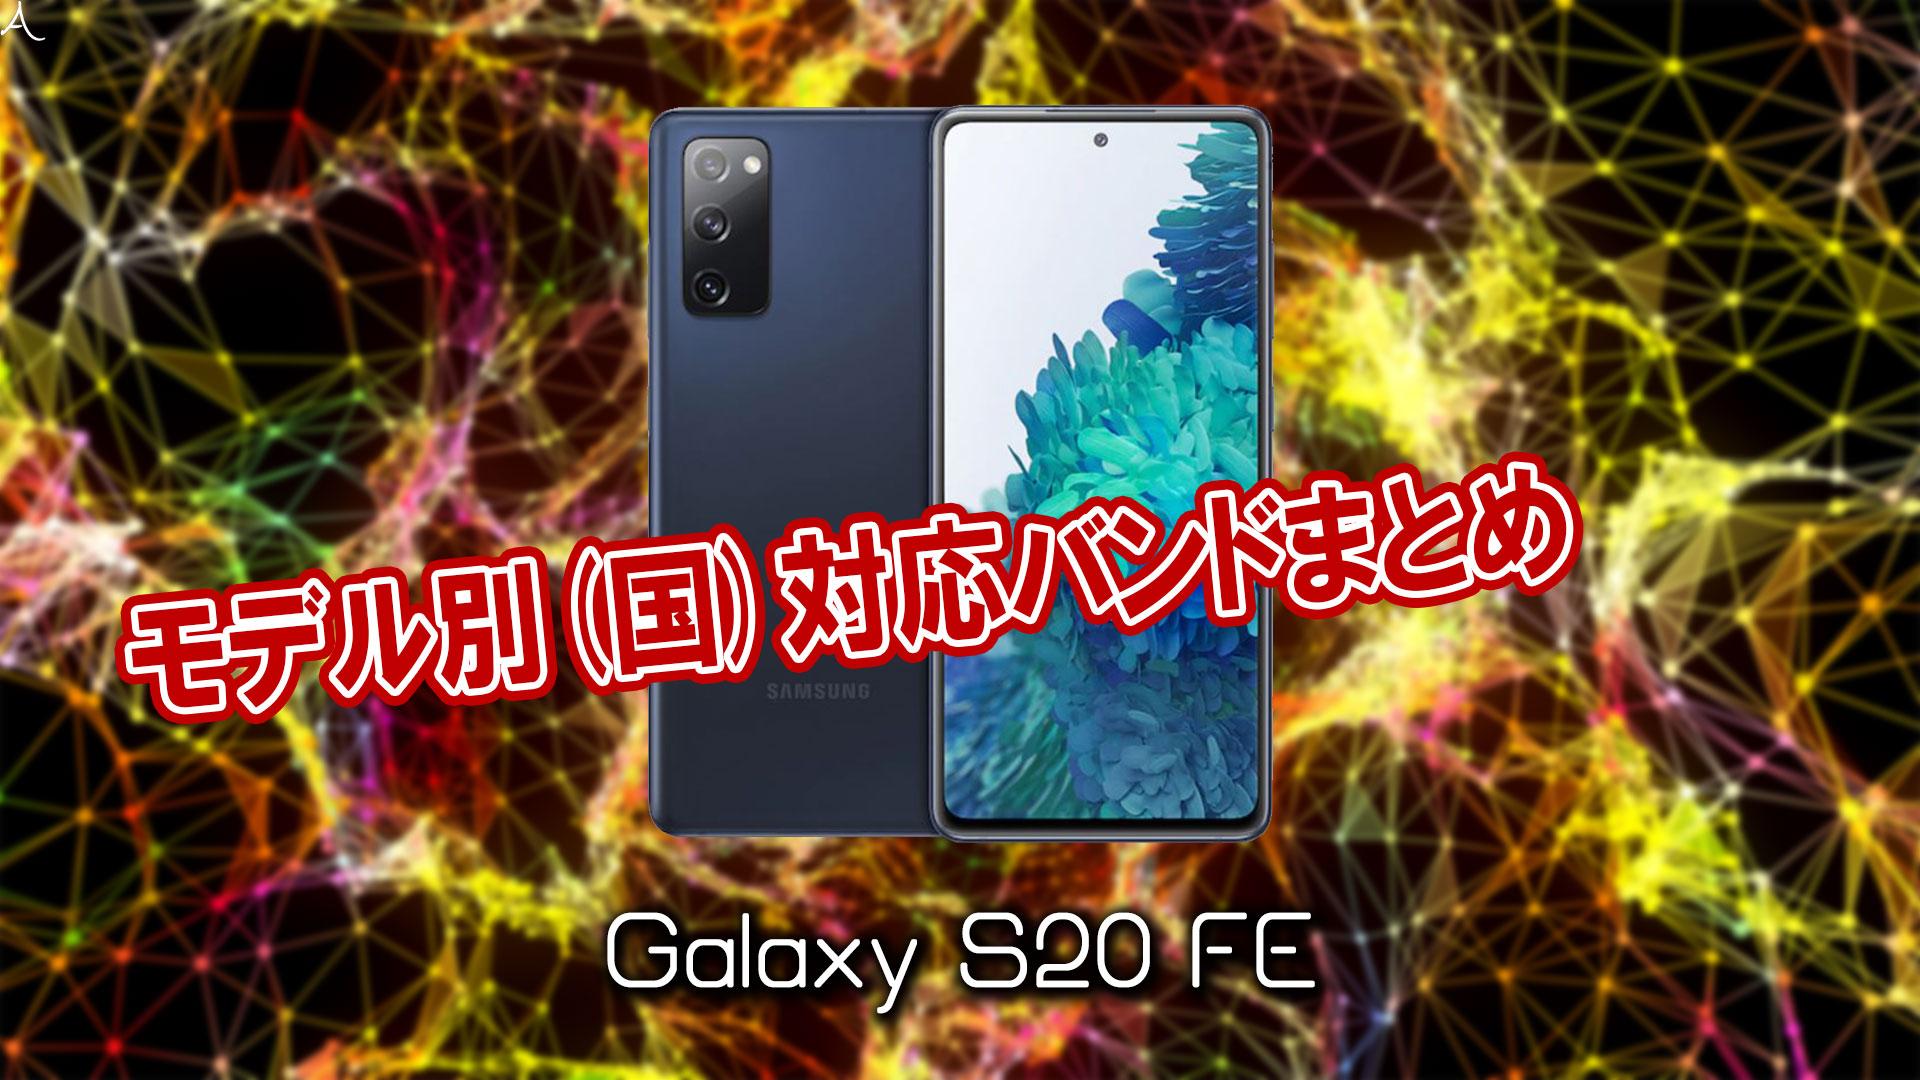 「Galaxy S20 FE」の4G/5G対応バンドまとめ - ミリ波には対応してる?